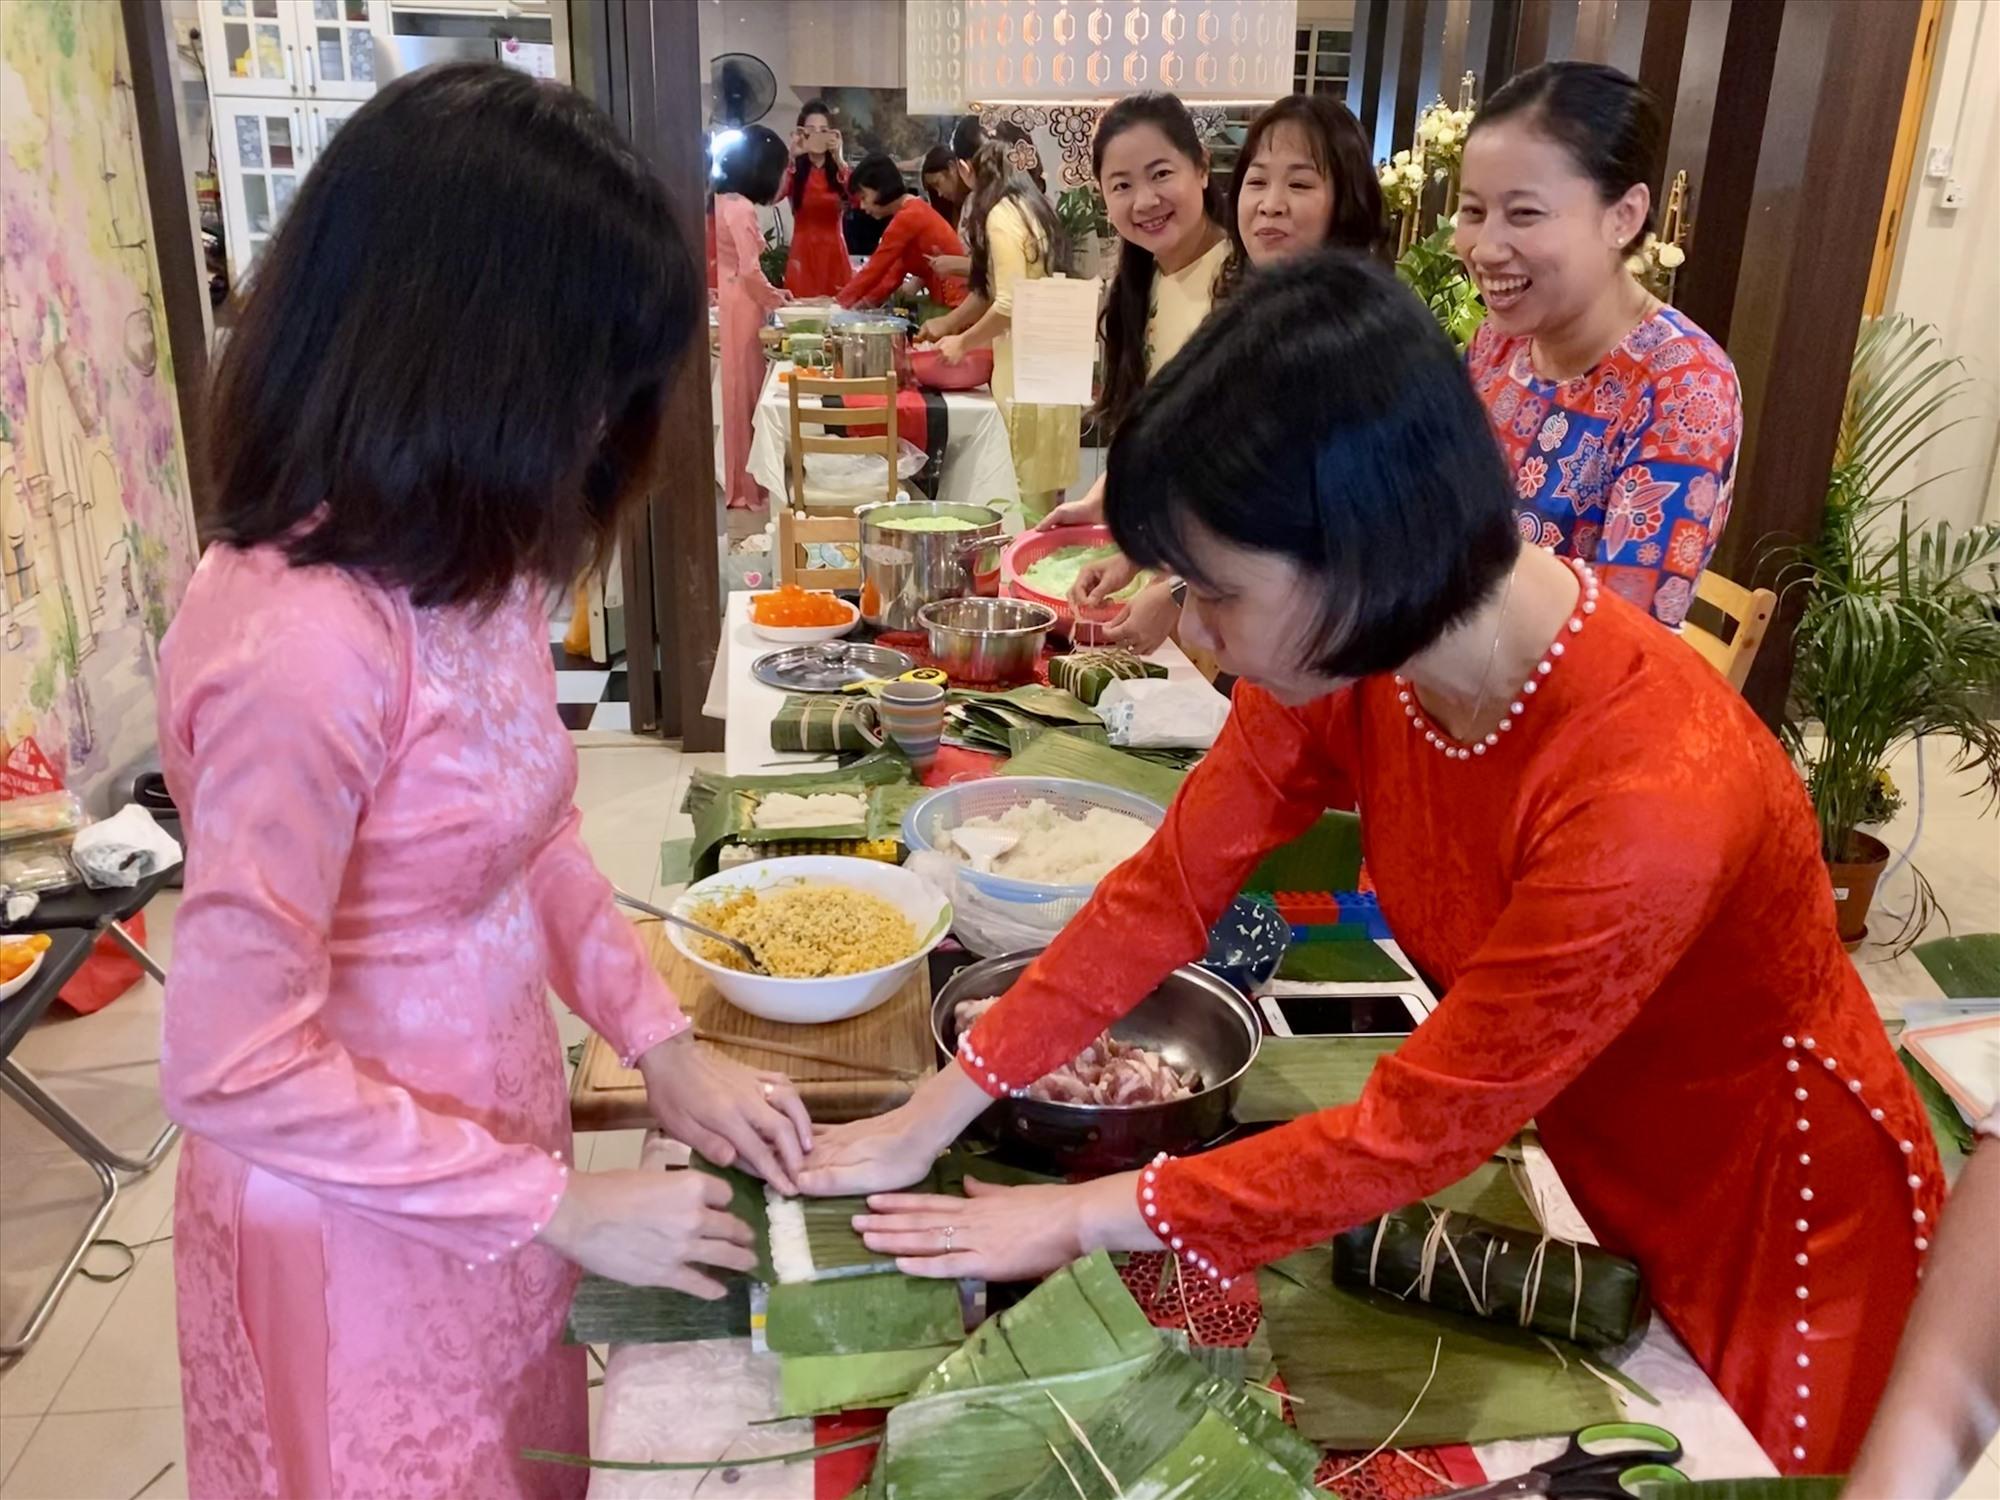 Tác giả (phải) hướng dẫn một bạn trẻ người Việt lần đầu gói bánh đón Tết xa quê.